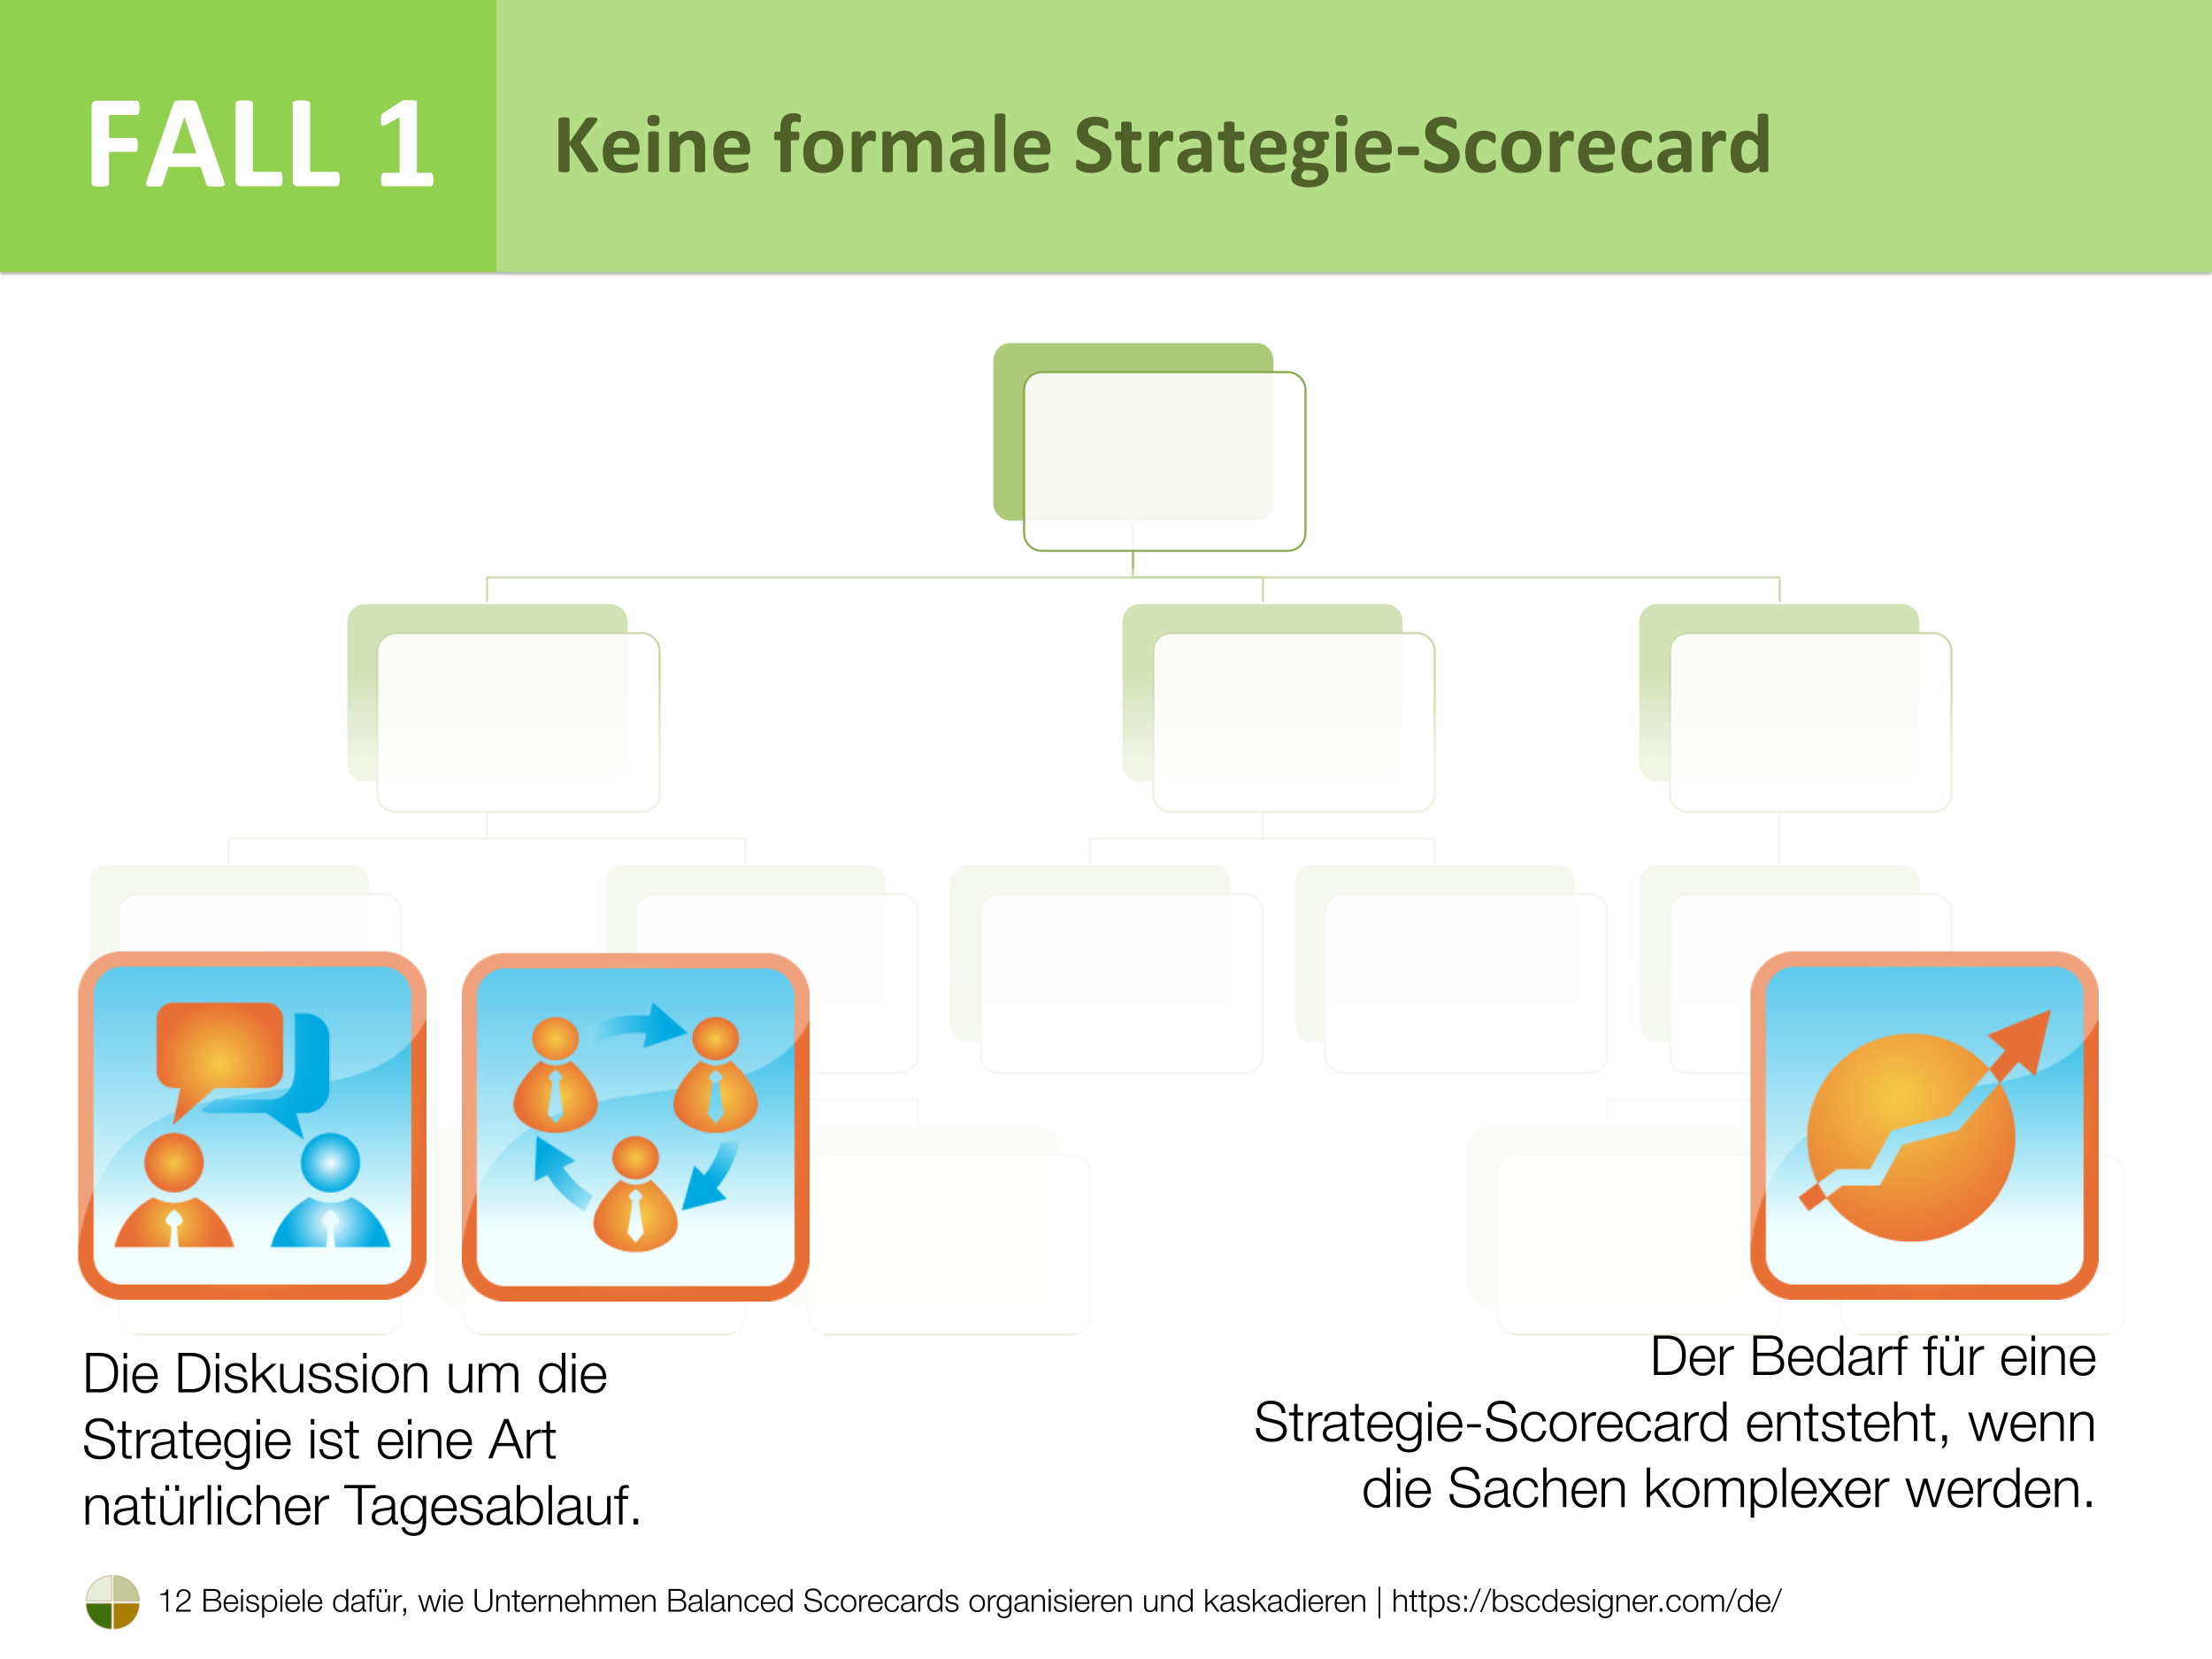 Fall 1 - Keine formale Strategie-Scorecard